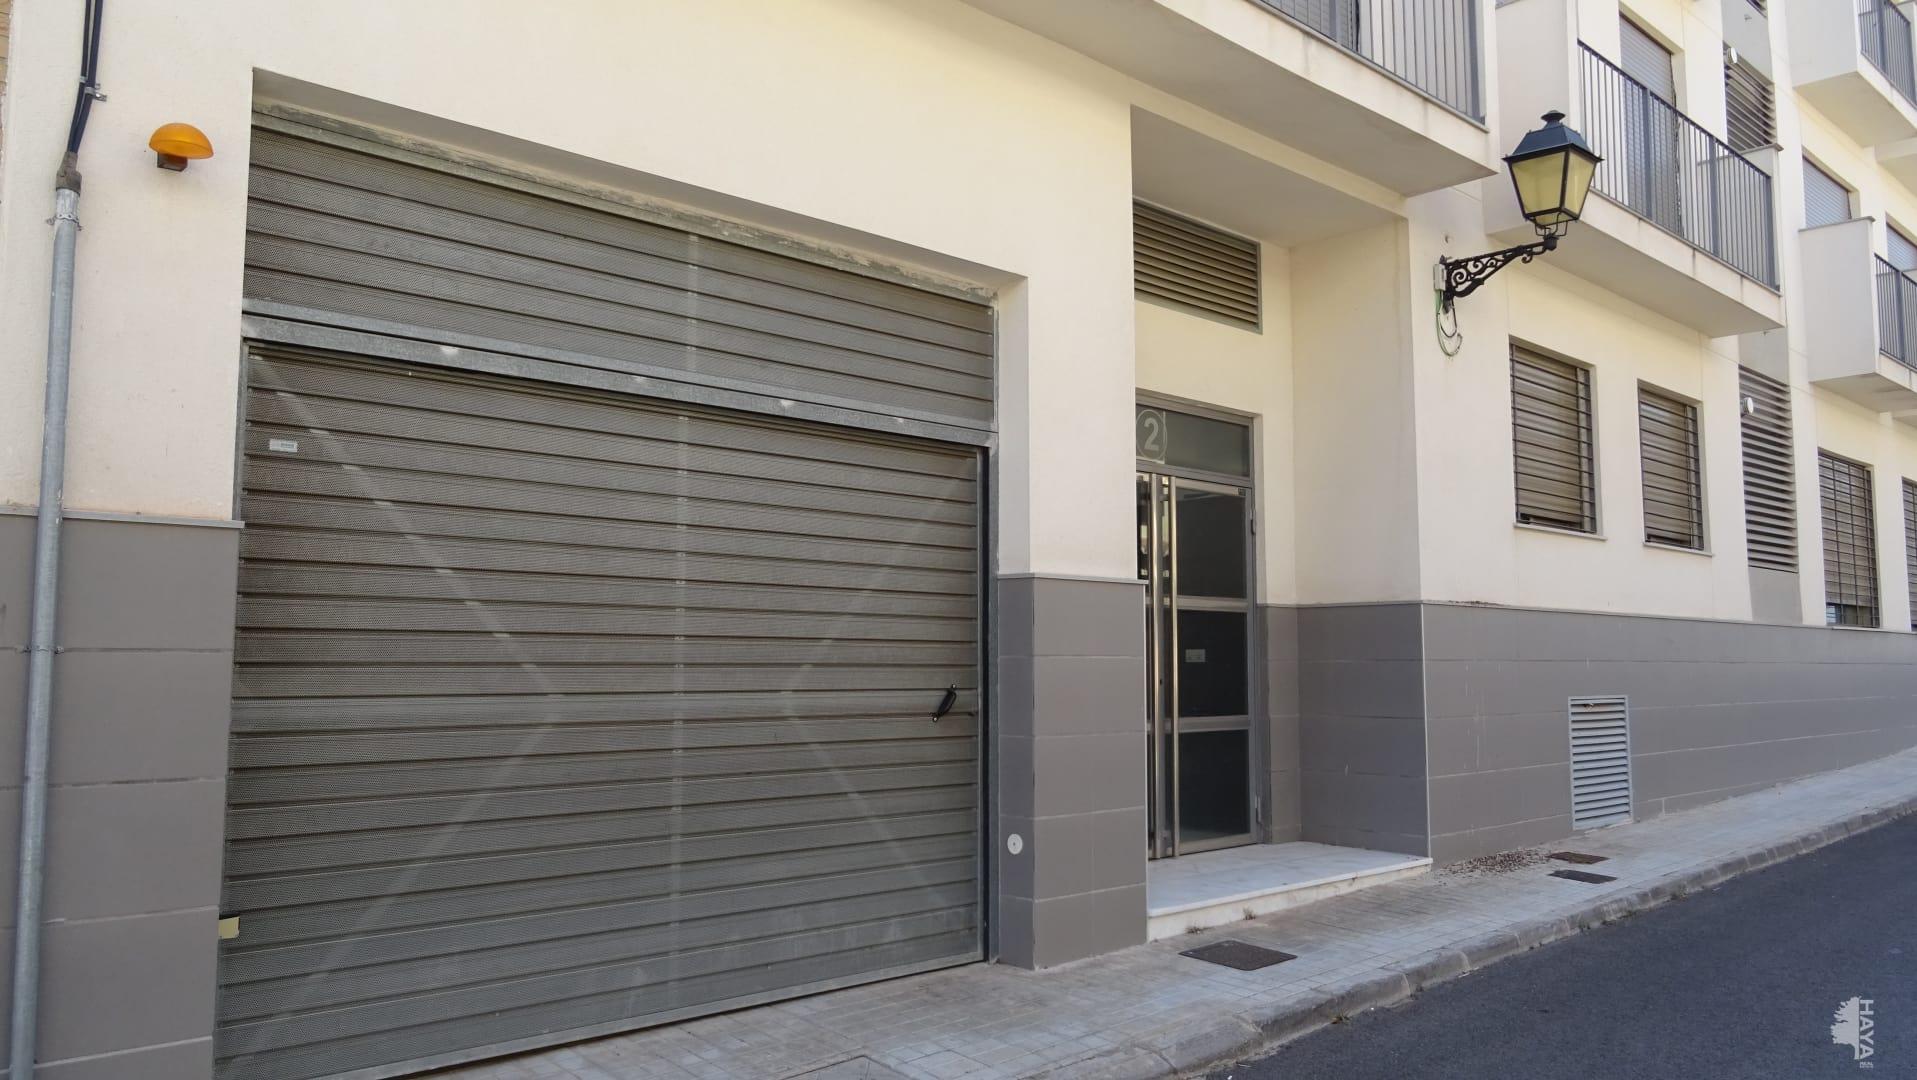 Parking en venta en Gilet, Gilet, Valencia, Calle Sagunt, 198.000 €, 463 m2